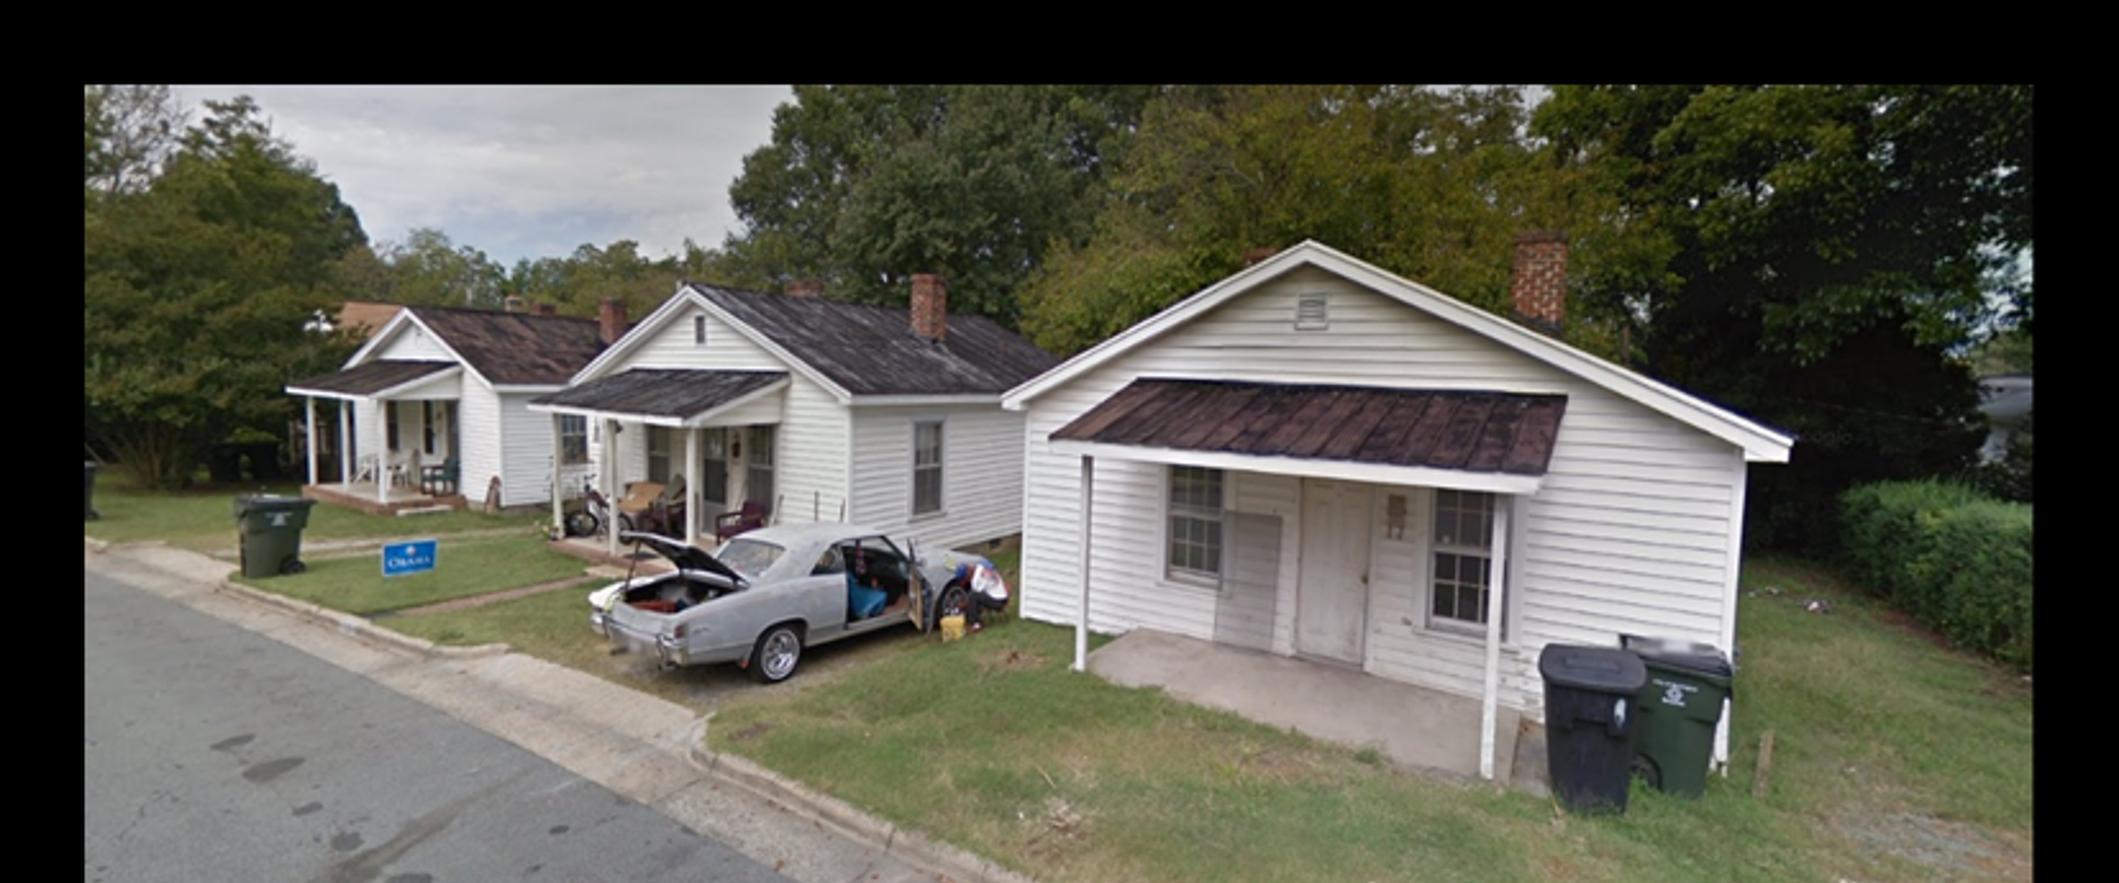 644 Gunn St, Burlington, NC